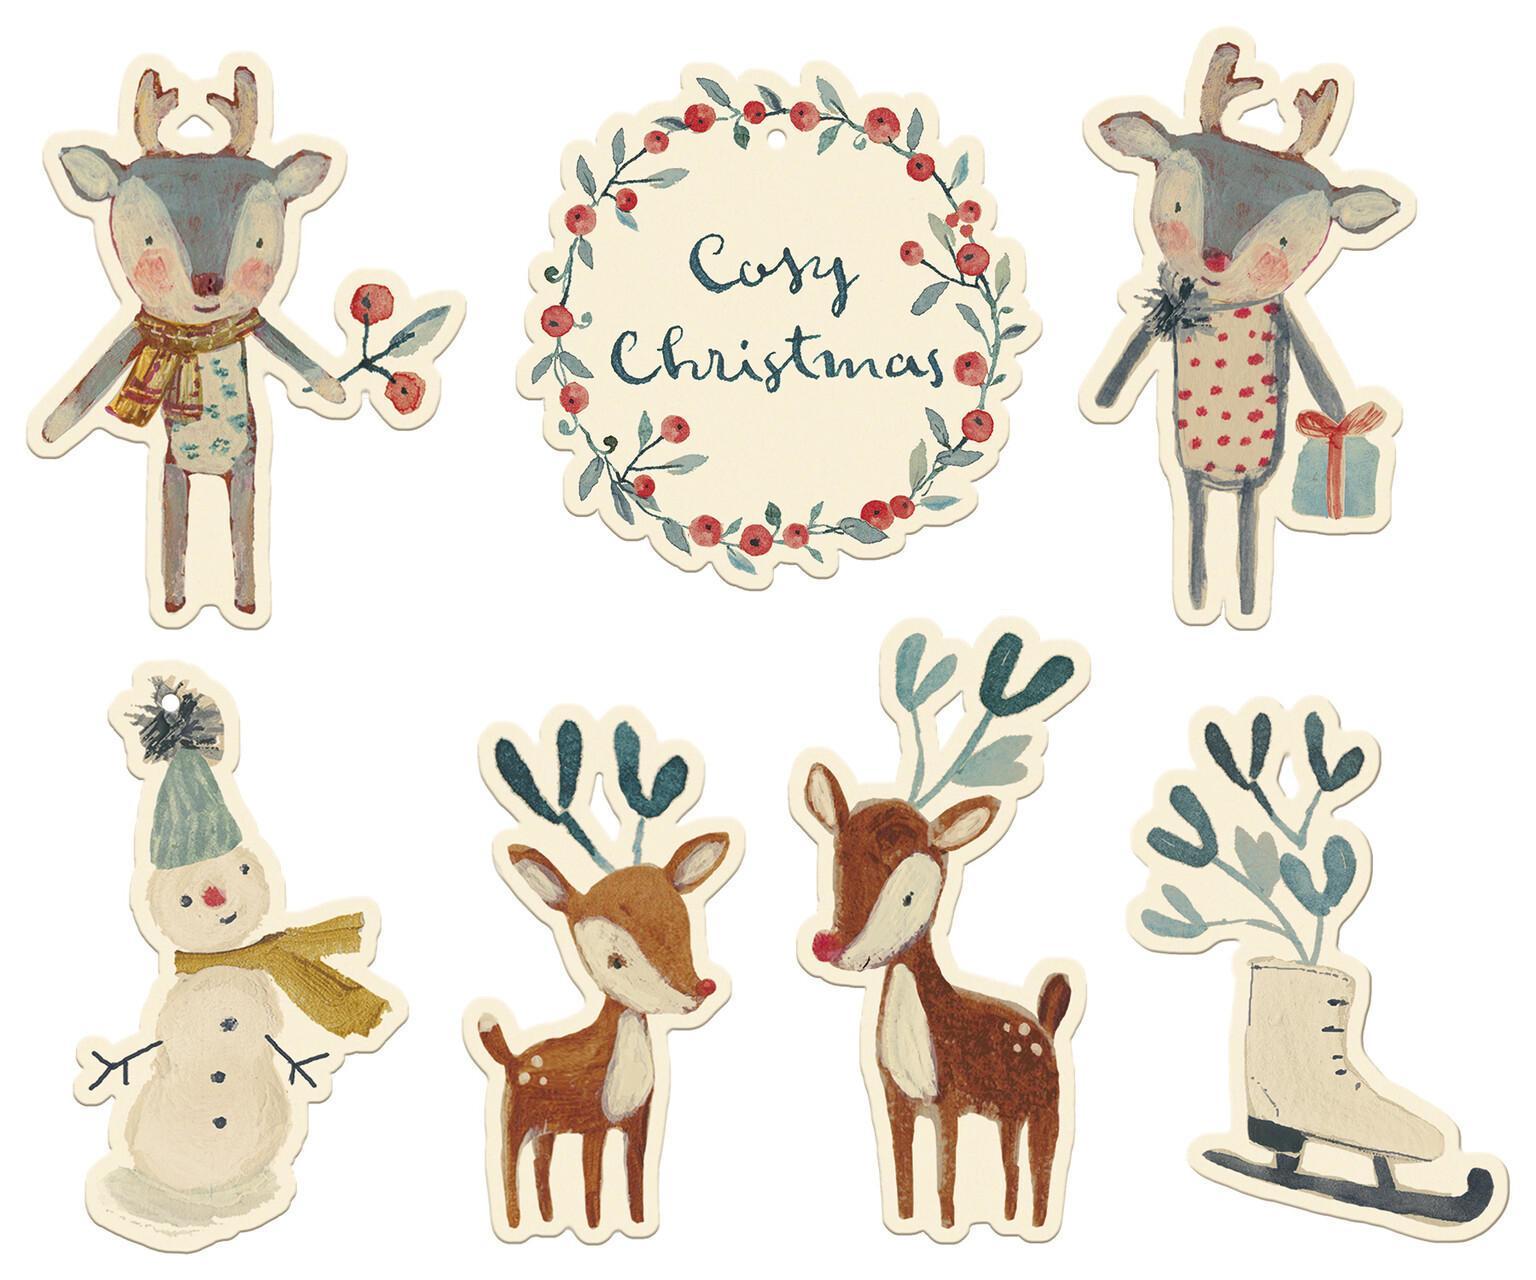 Maileg Vánoční štítky na dárky Cosy Christmas - 14 ks, bílá barva, multi barva, papír